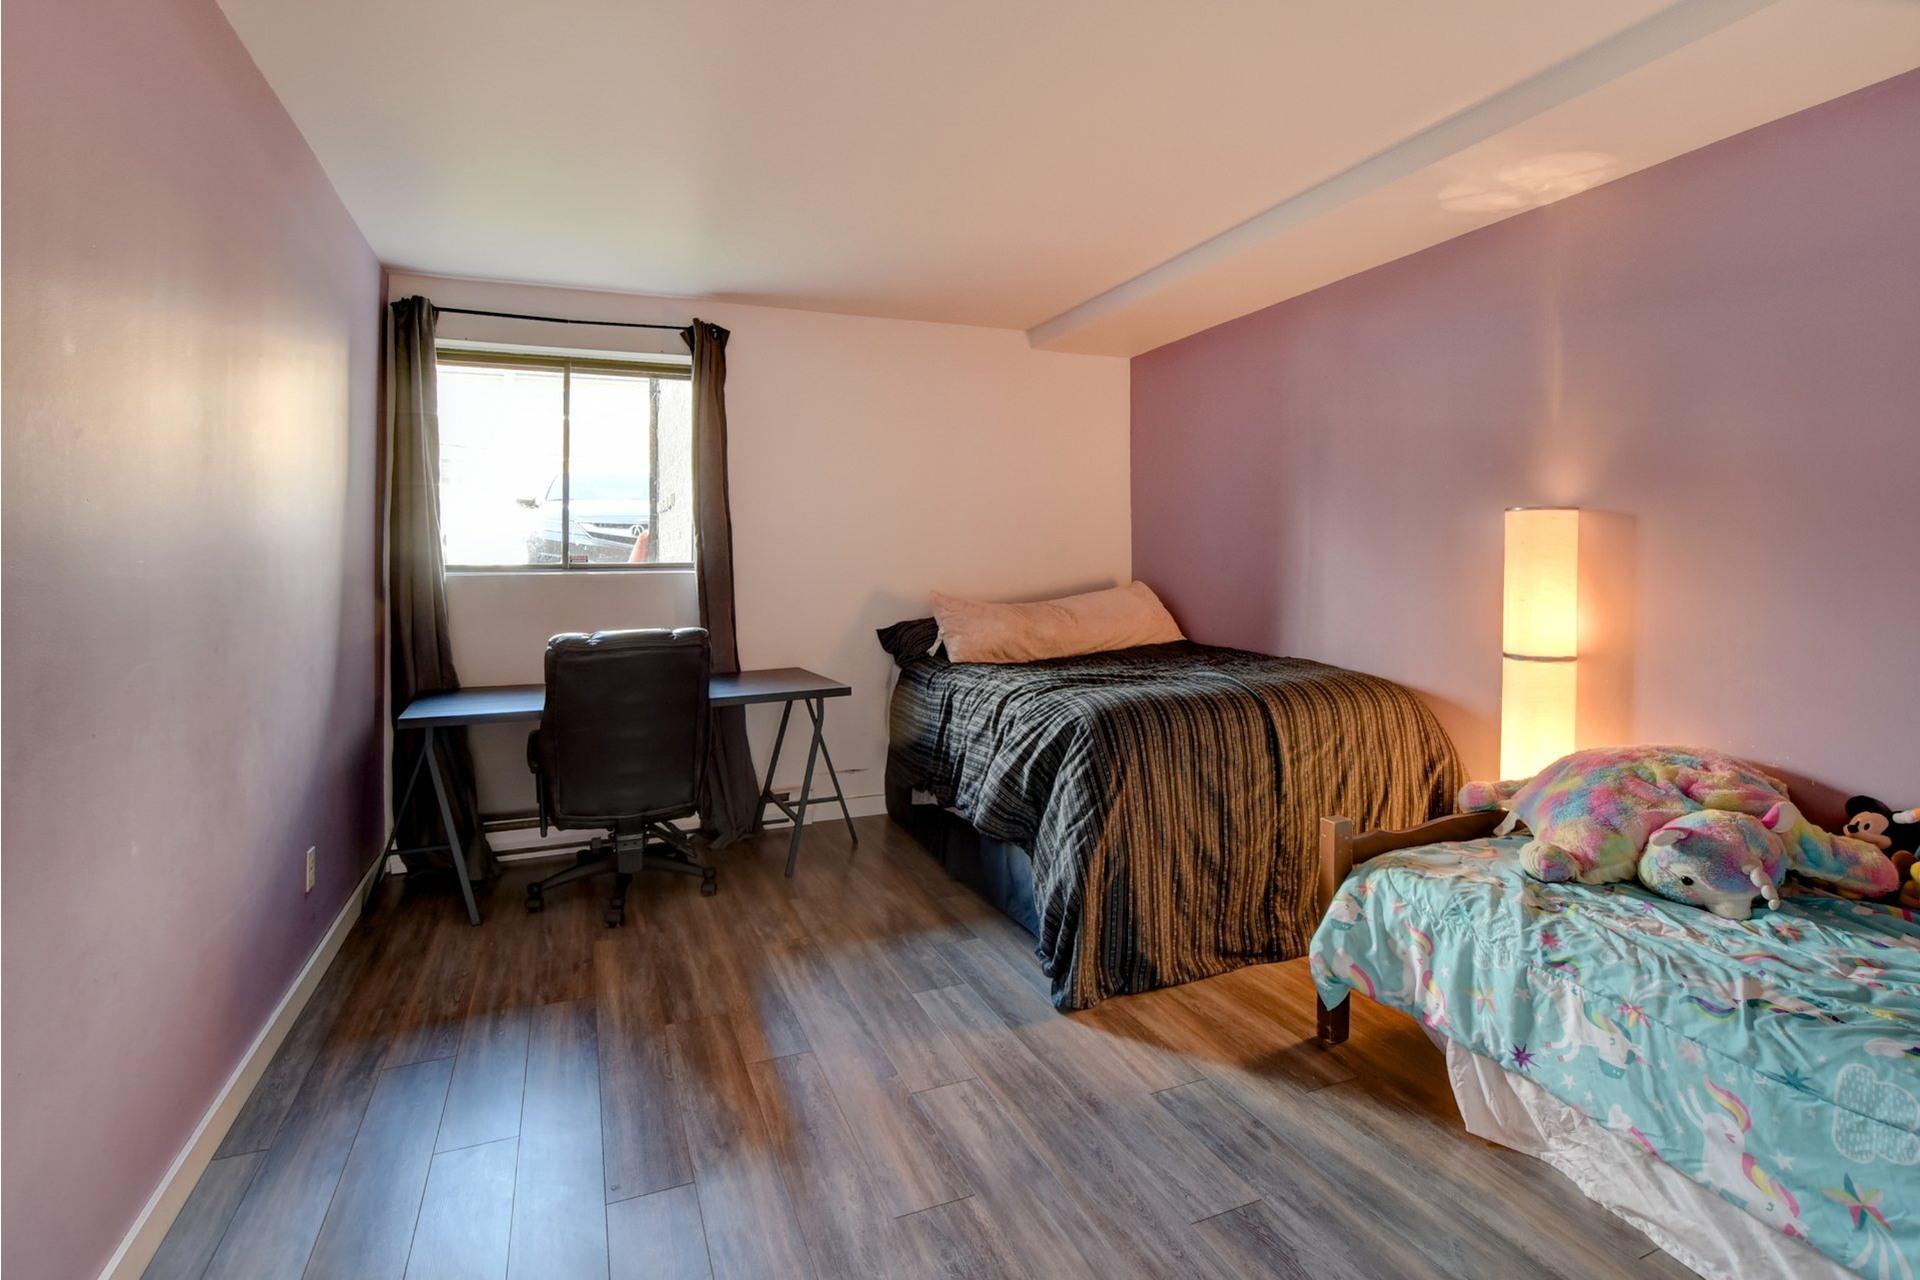 image 10 - Appartement À vendre Rivière-des-Prairies/Pointe-aux-Trembles Montréal  - 6 pièces